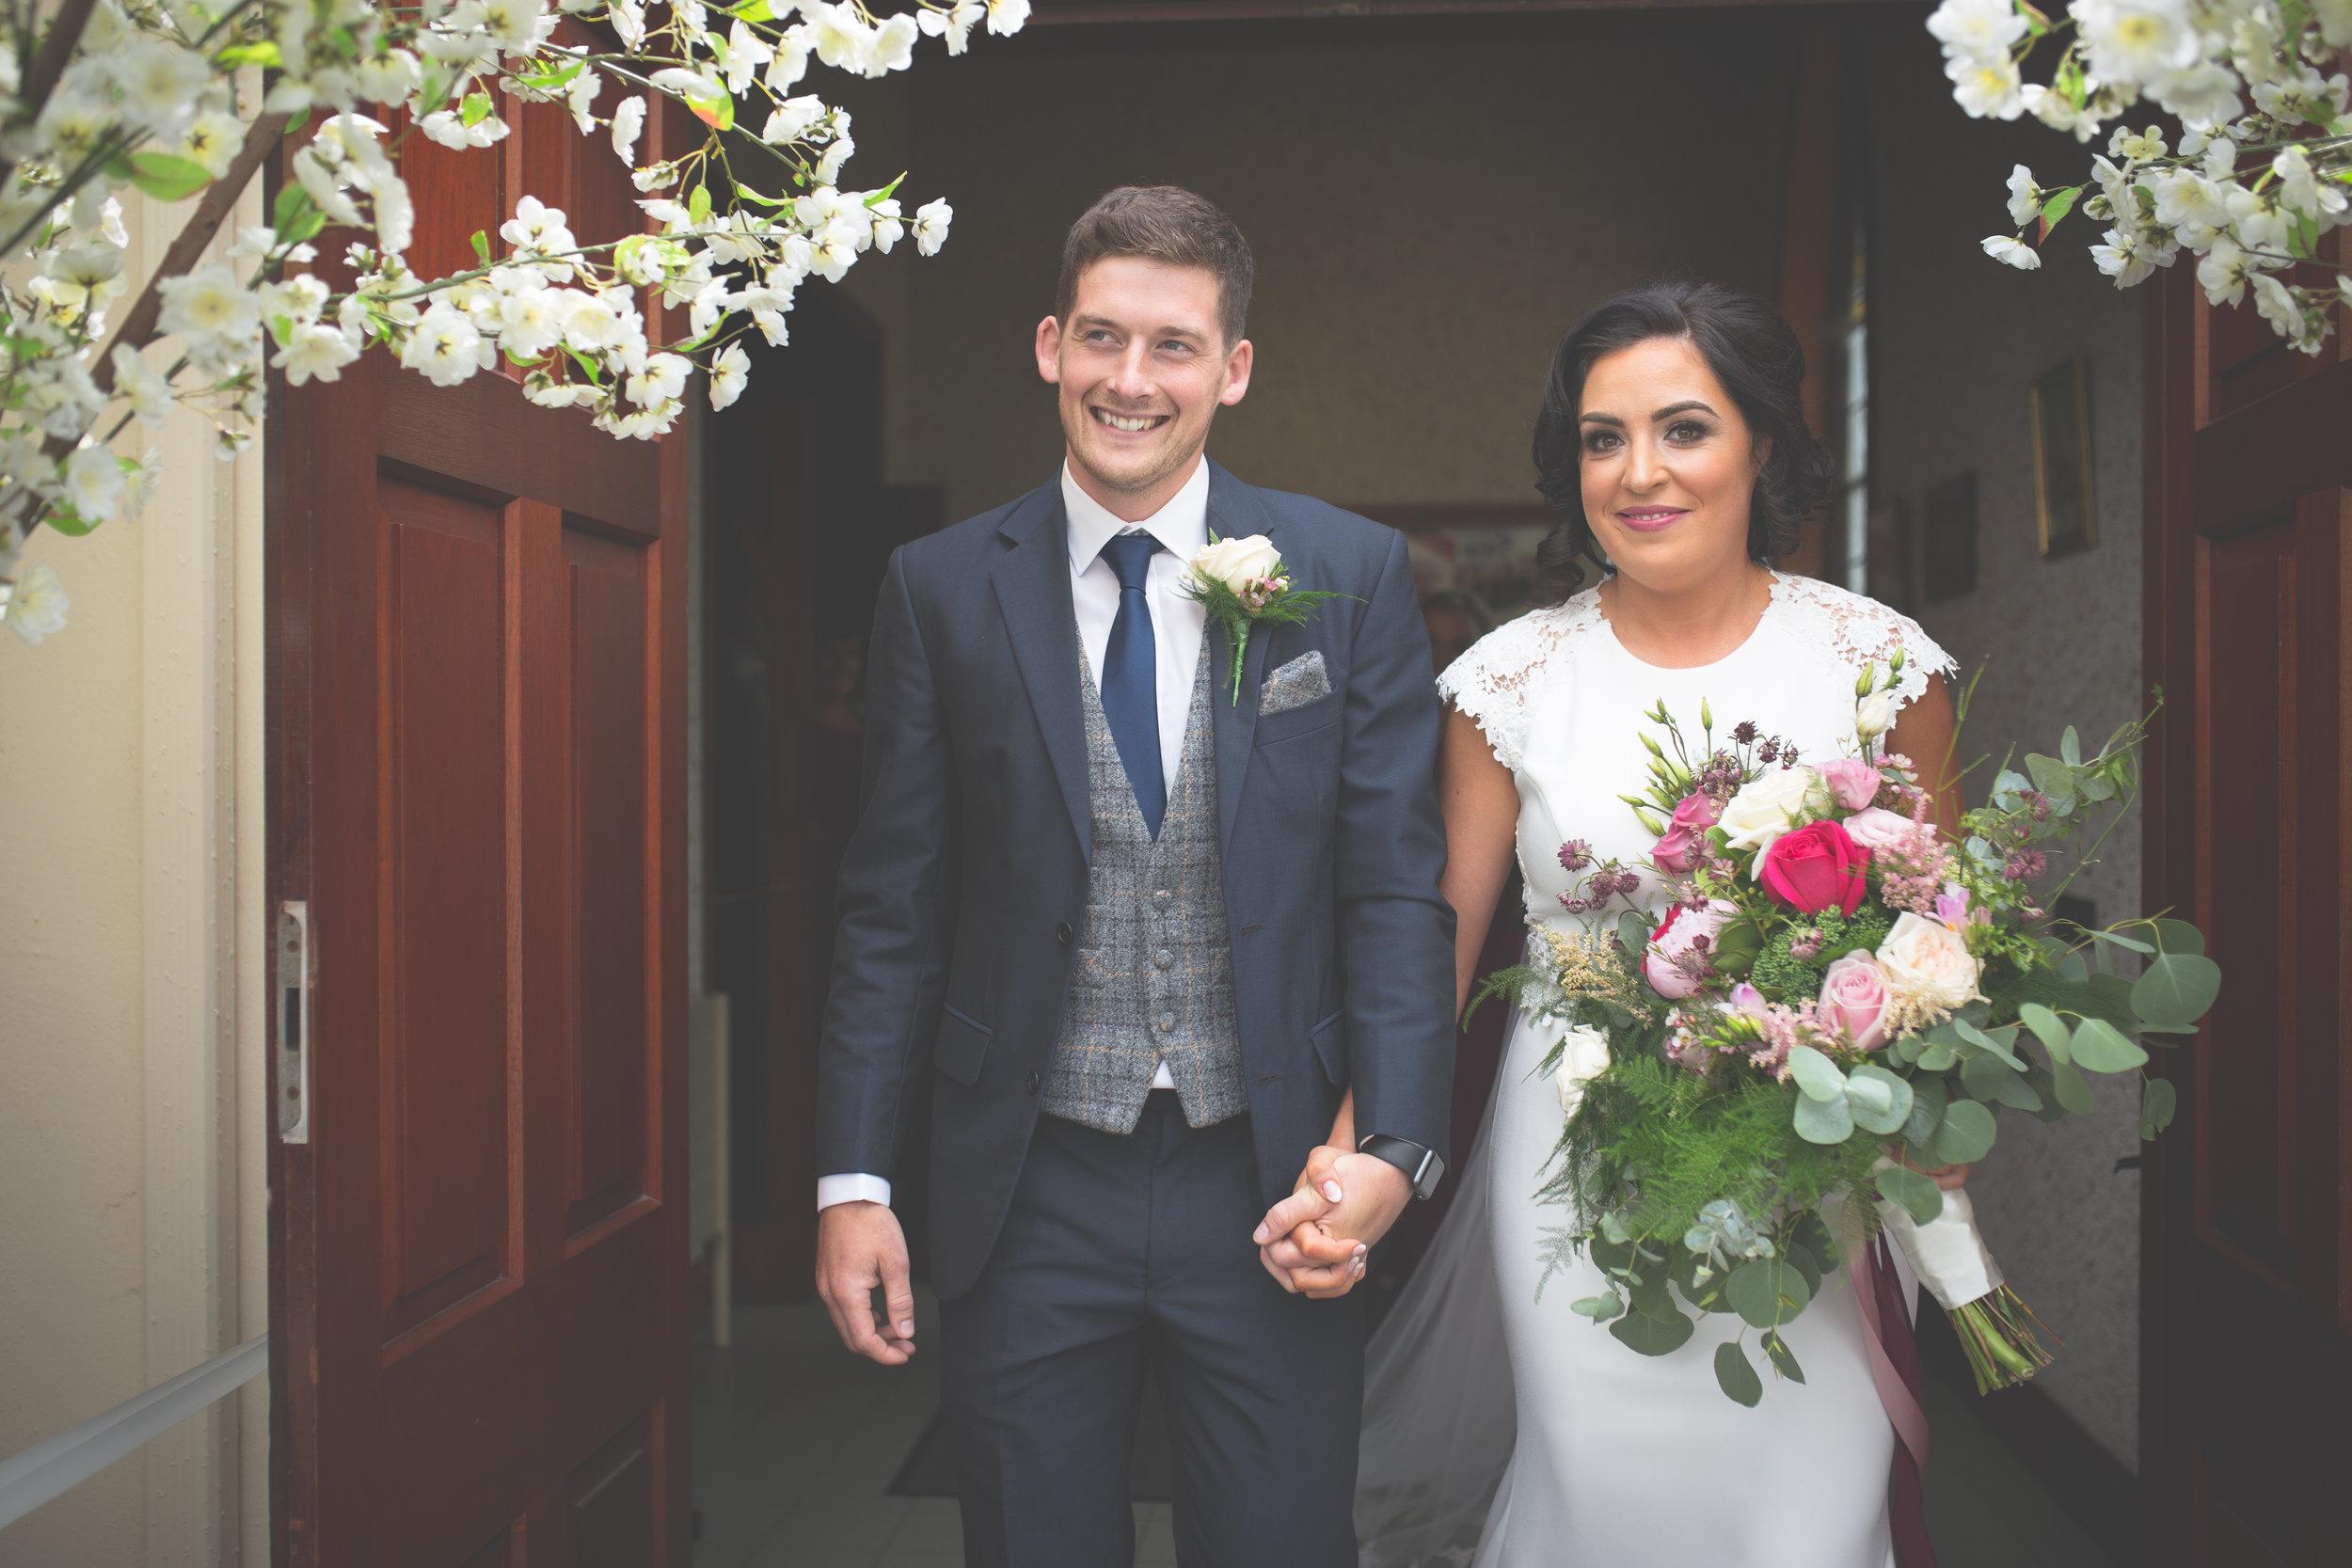 Brian McEwan Wedding Photography   Carol-Anne & Sean   The Ceremony-81.jpg